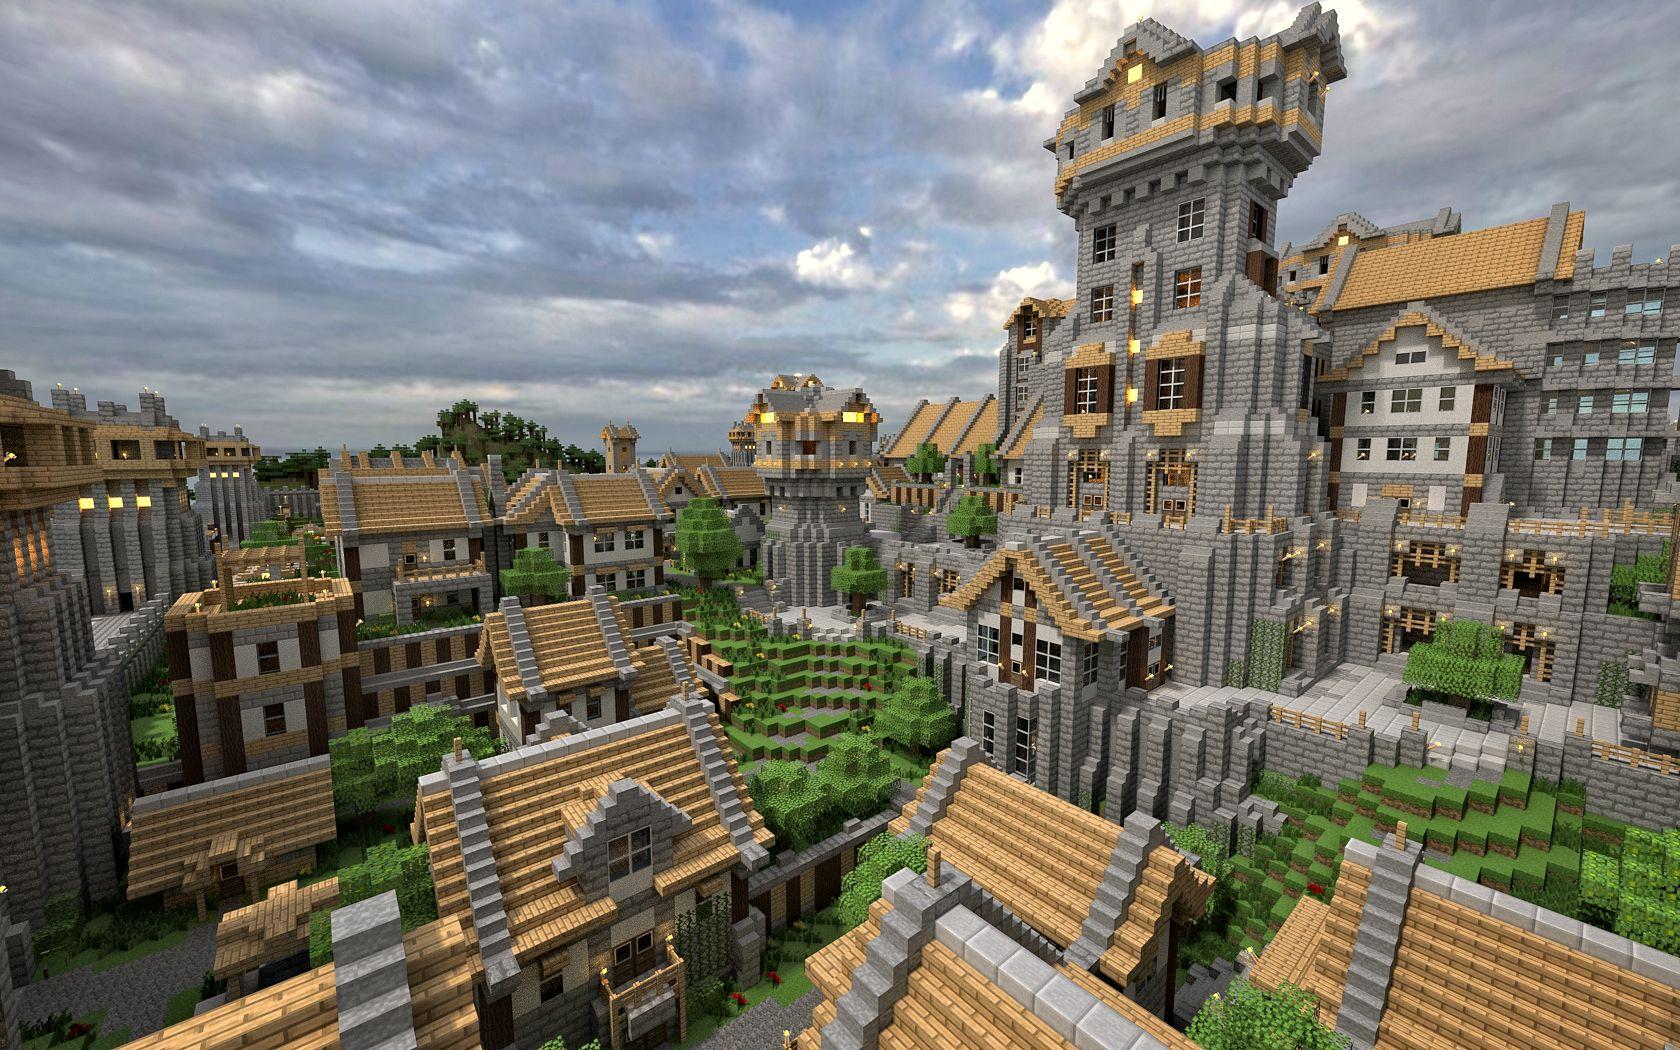 Minecraft Village | Minecraft pictures, Minecraft ...